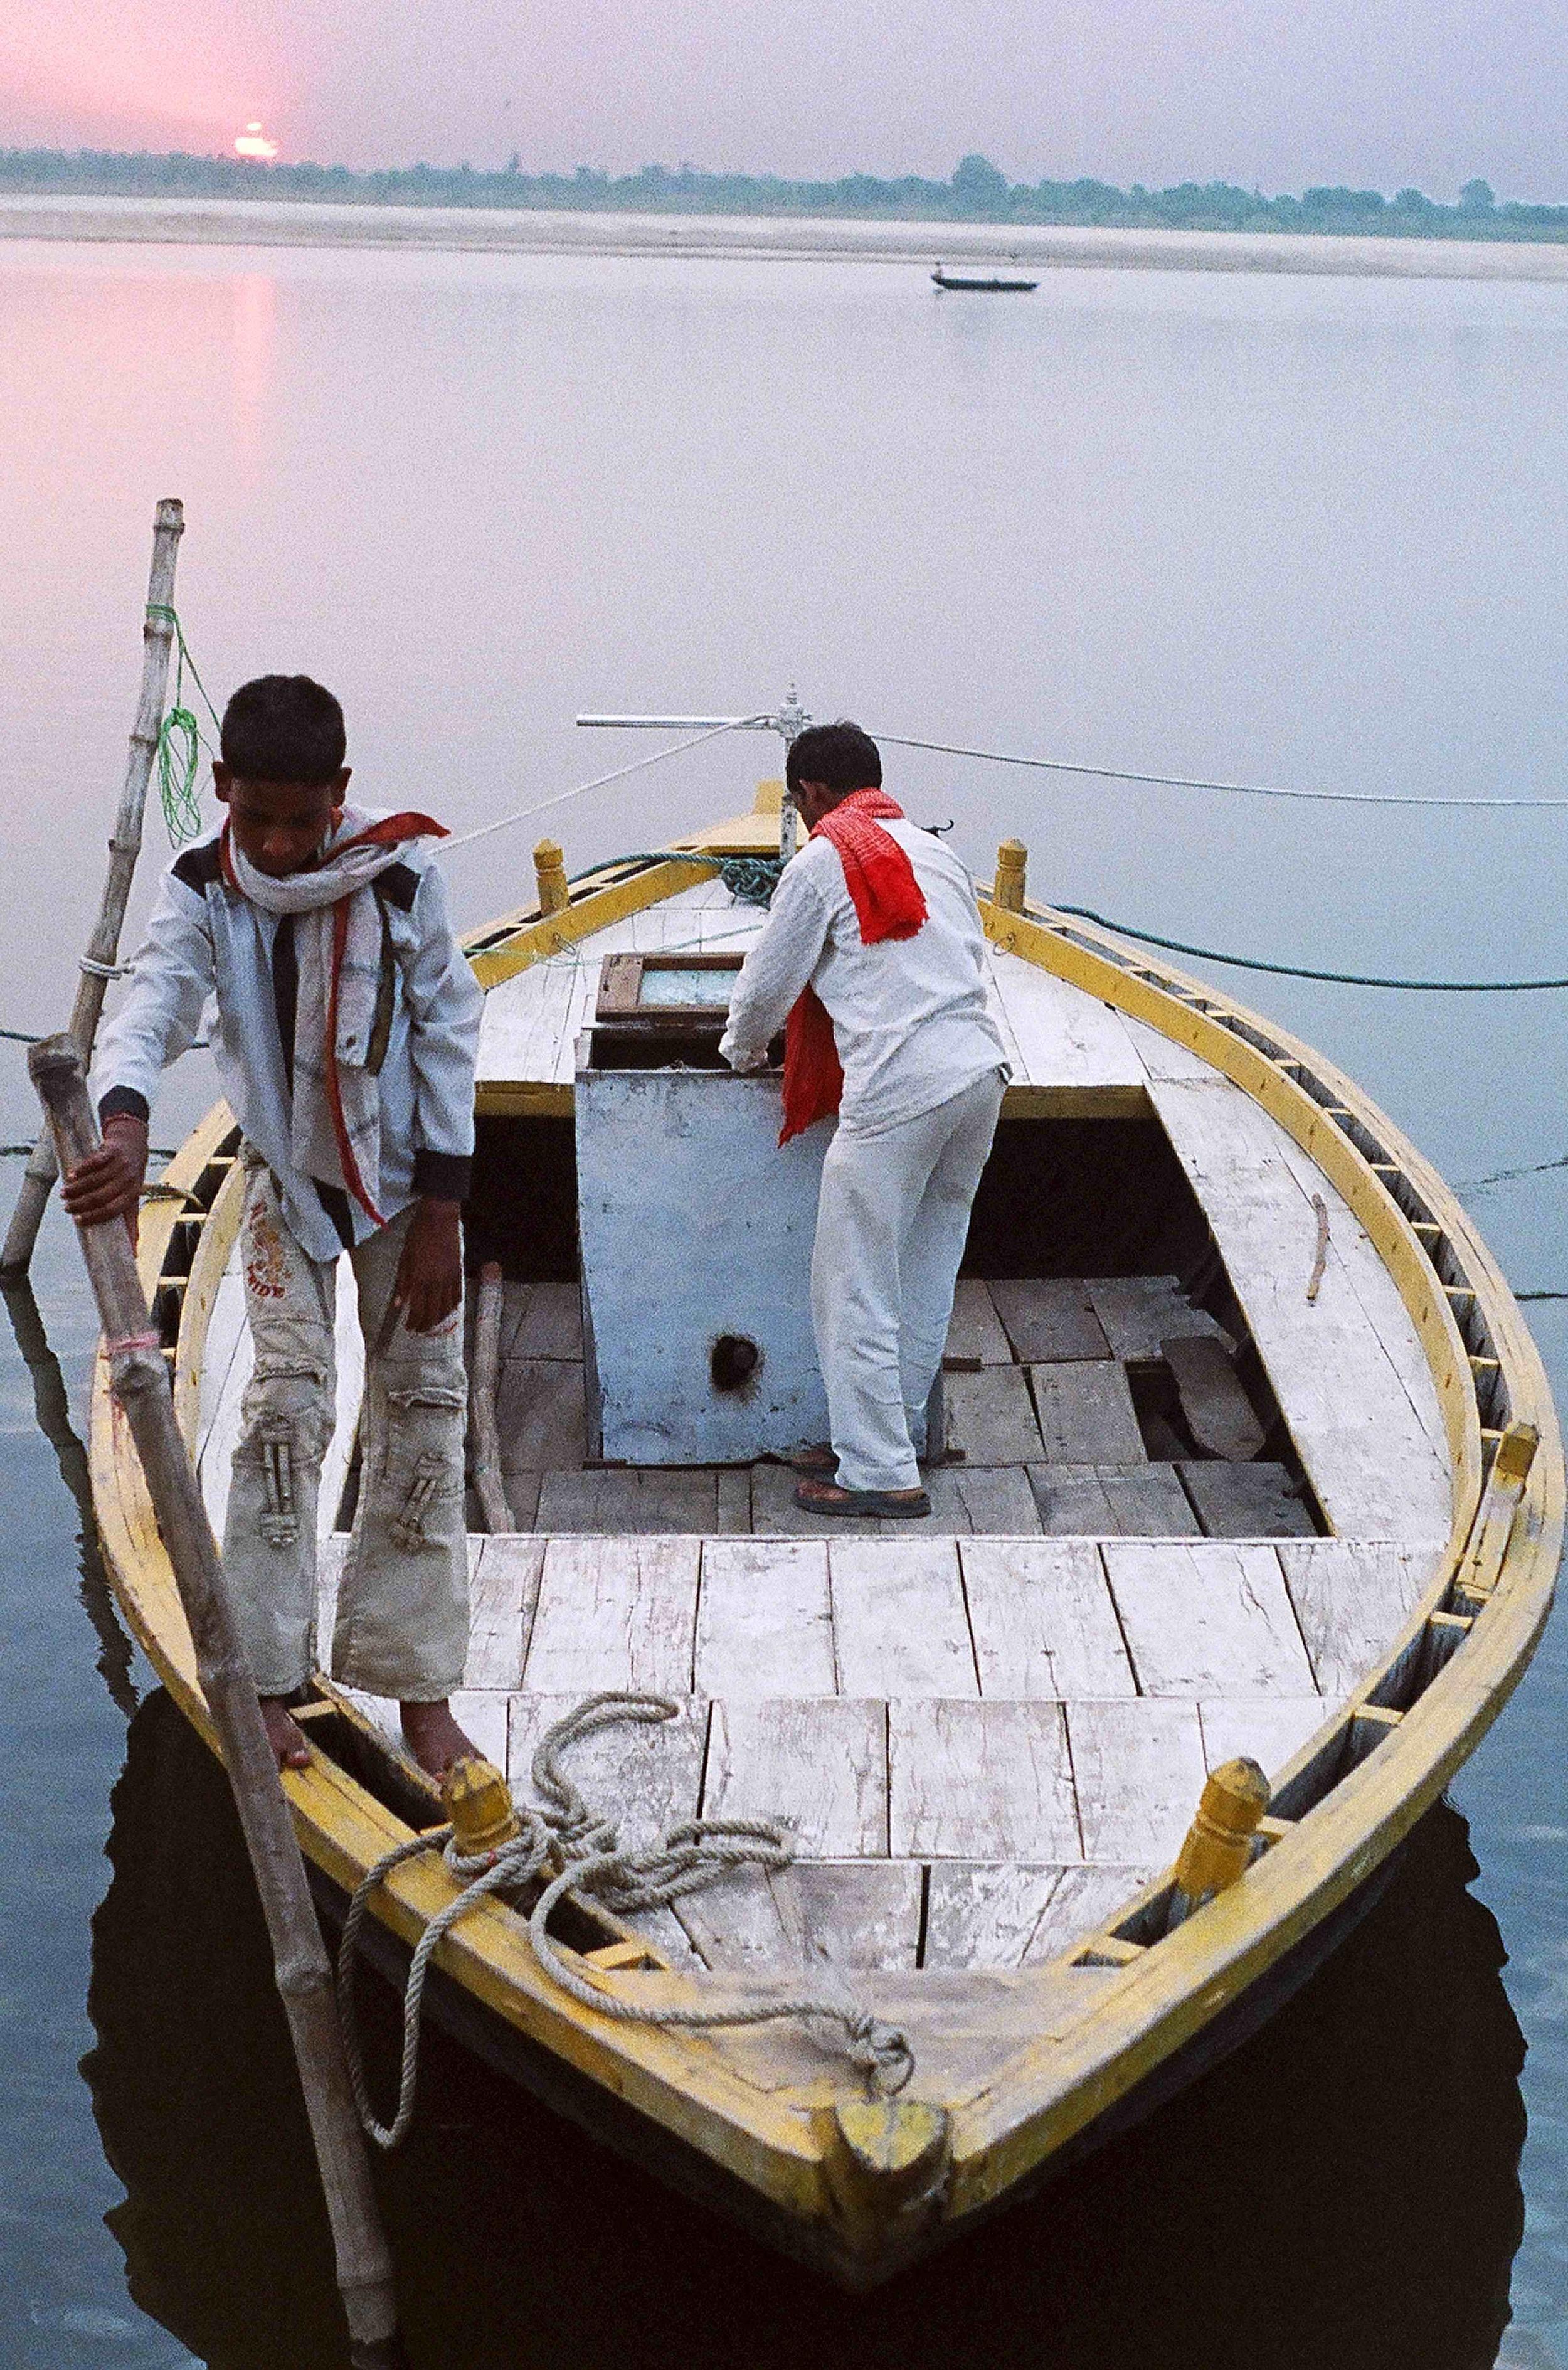 boaters11.5x17.375.jpg